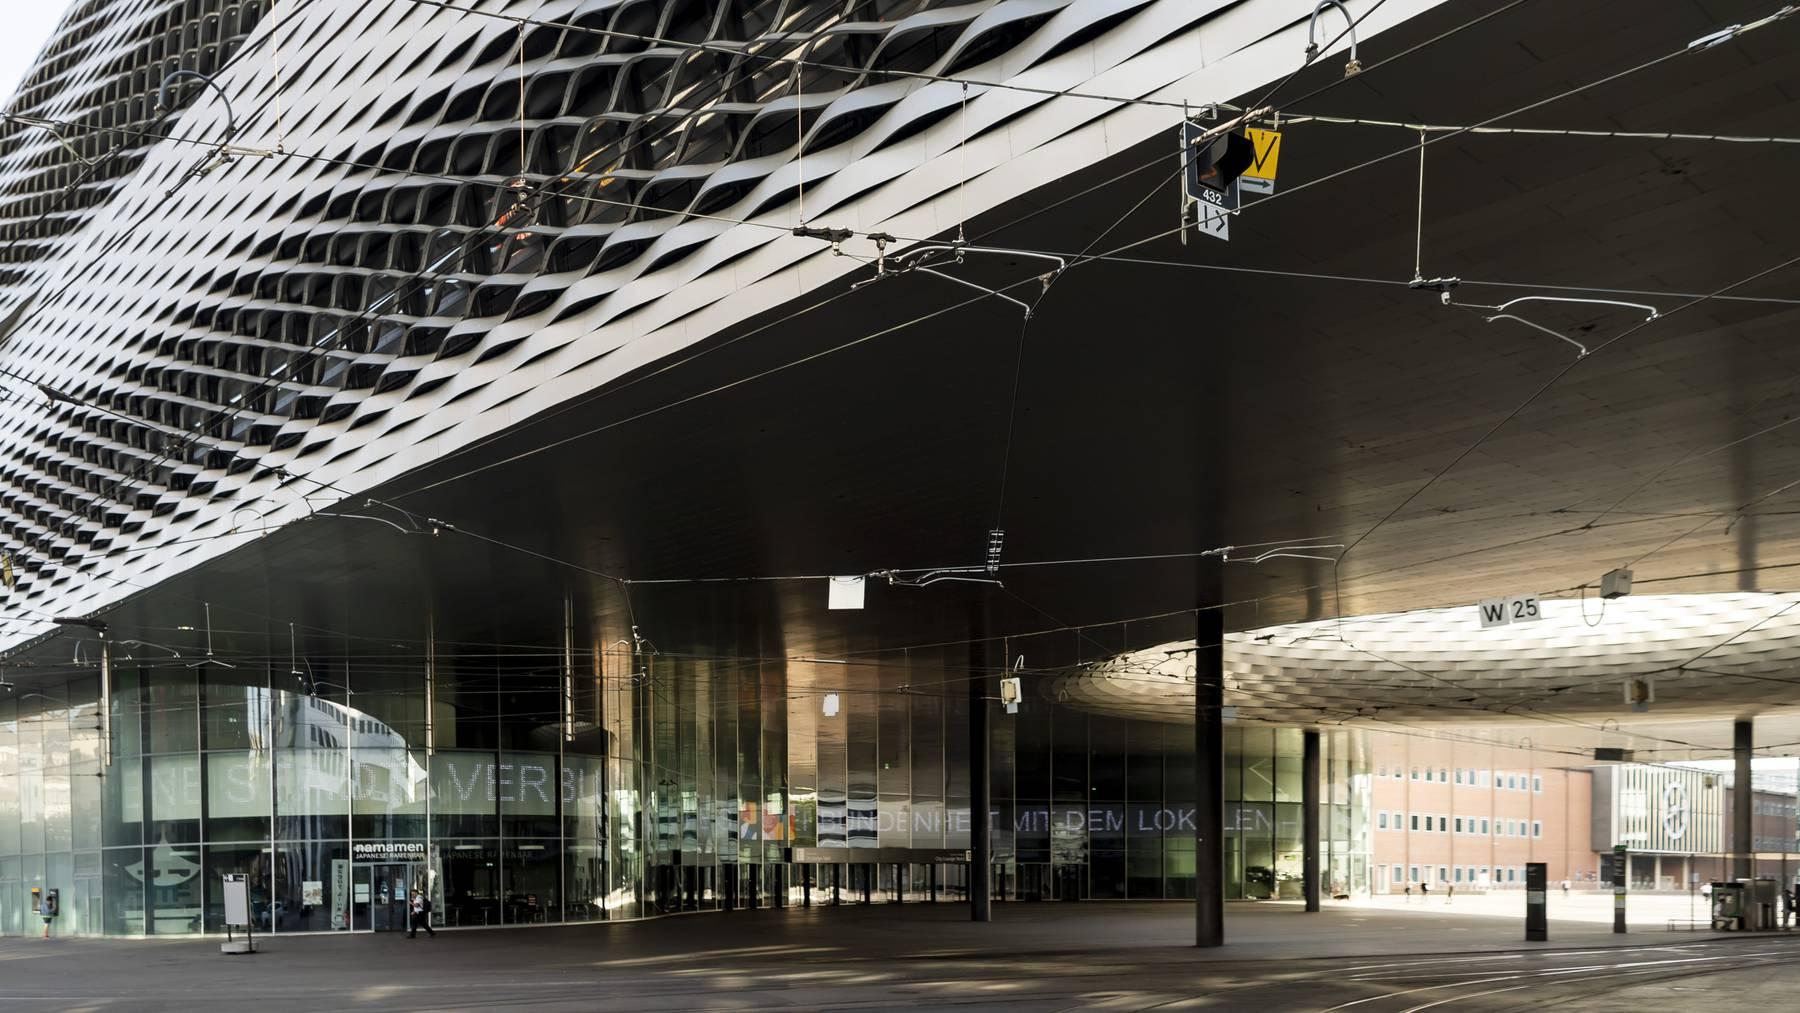 Die MCH Group musste wegen der Pandemie ihre Messen in Basel absagen und will nun verstärkt digitalisieren.